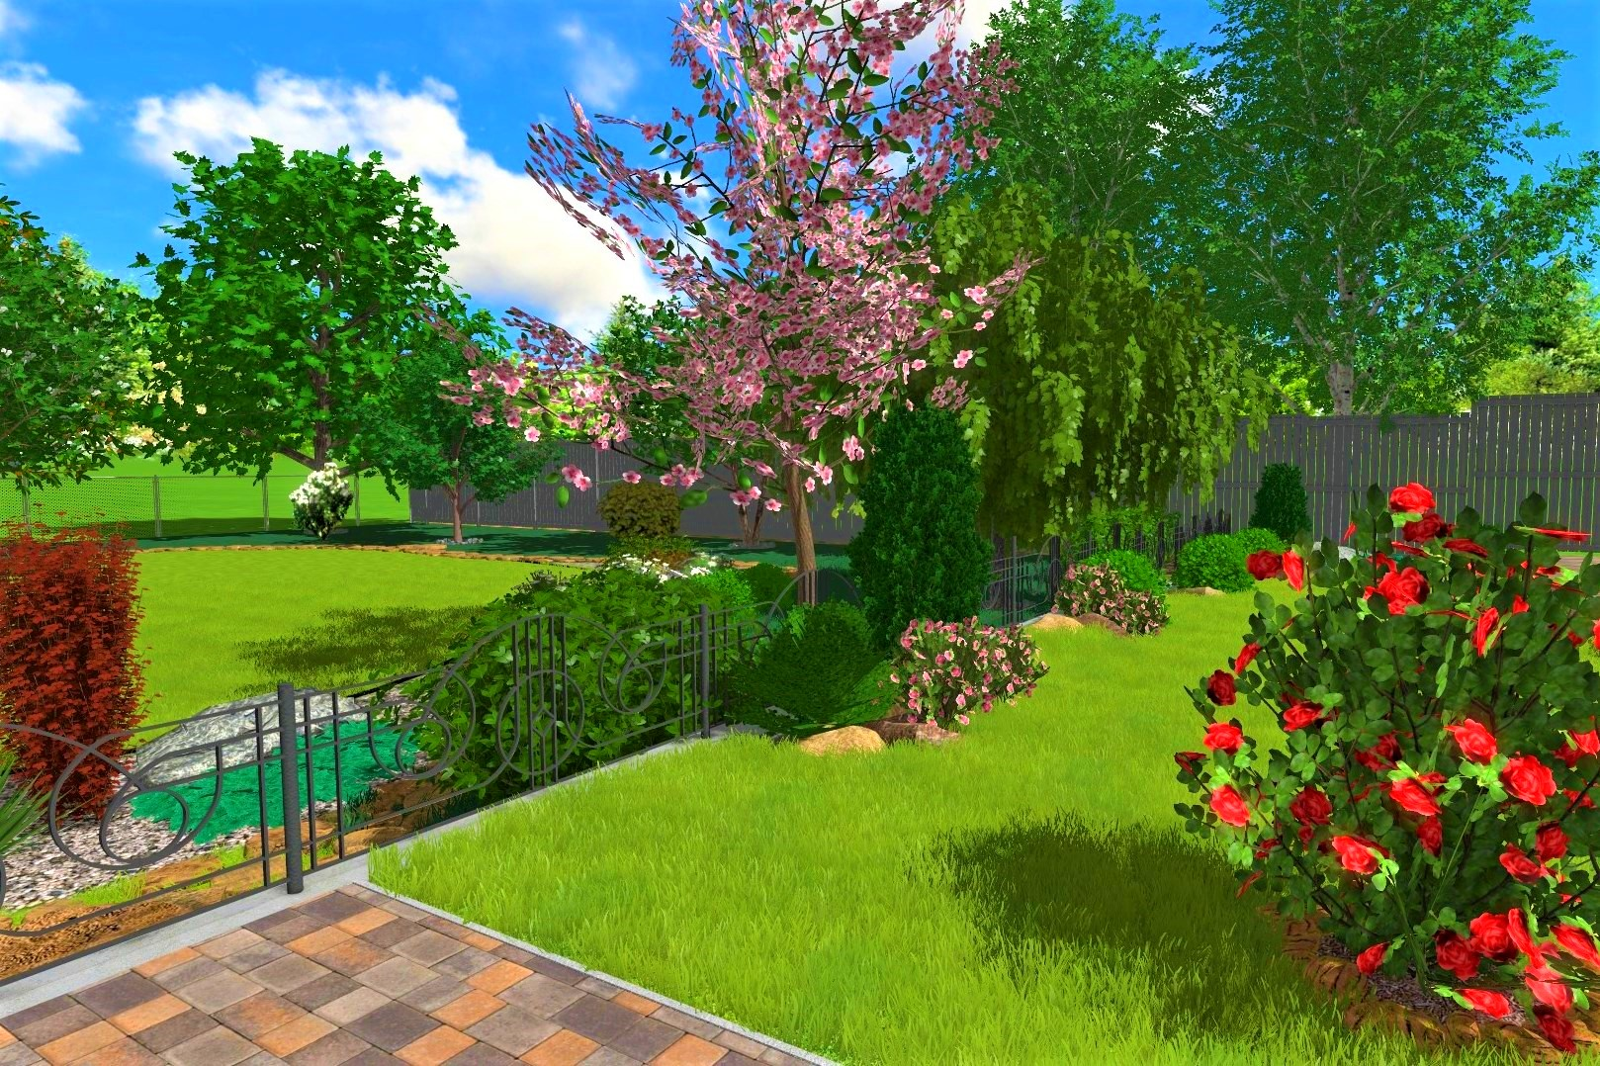 Озеленение участка многоквартирного дома в Киеве, озеленение многоэтажного дома в Киеве, озеленение в Киеве